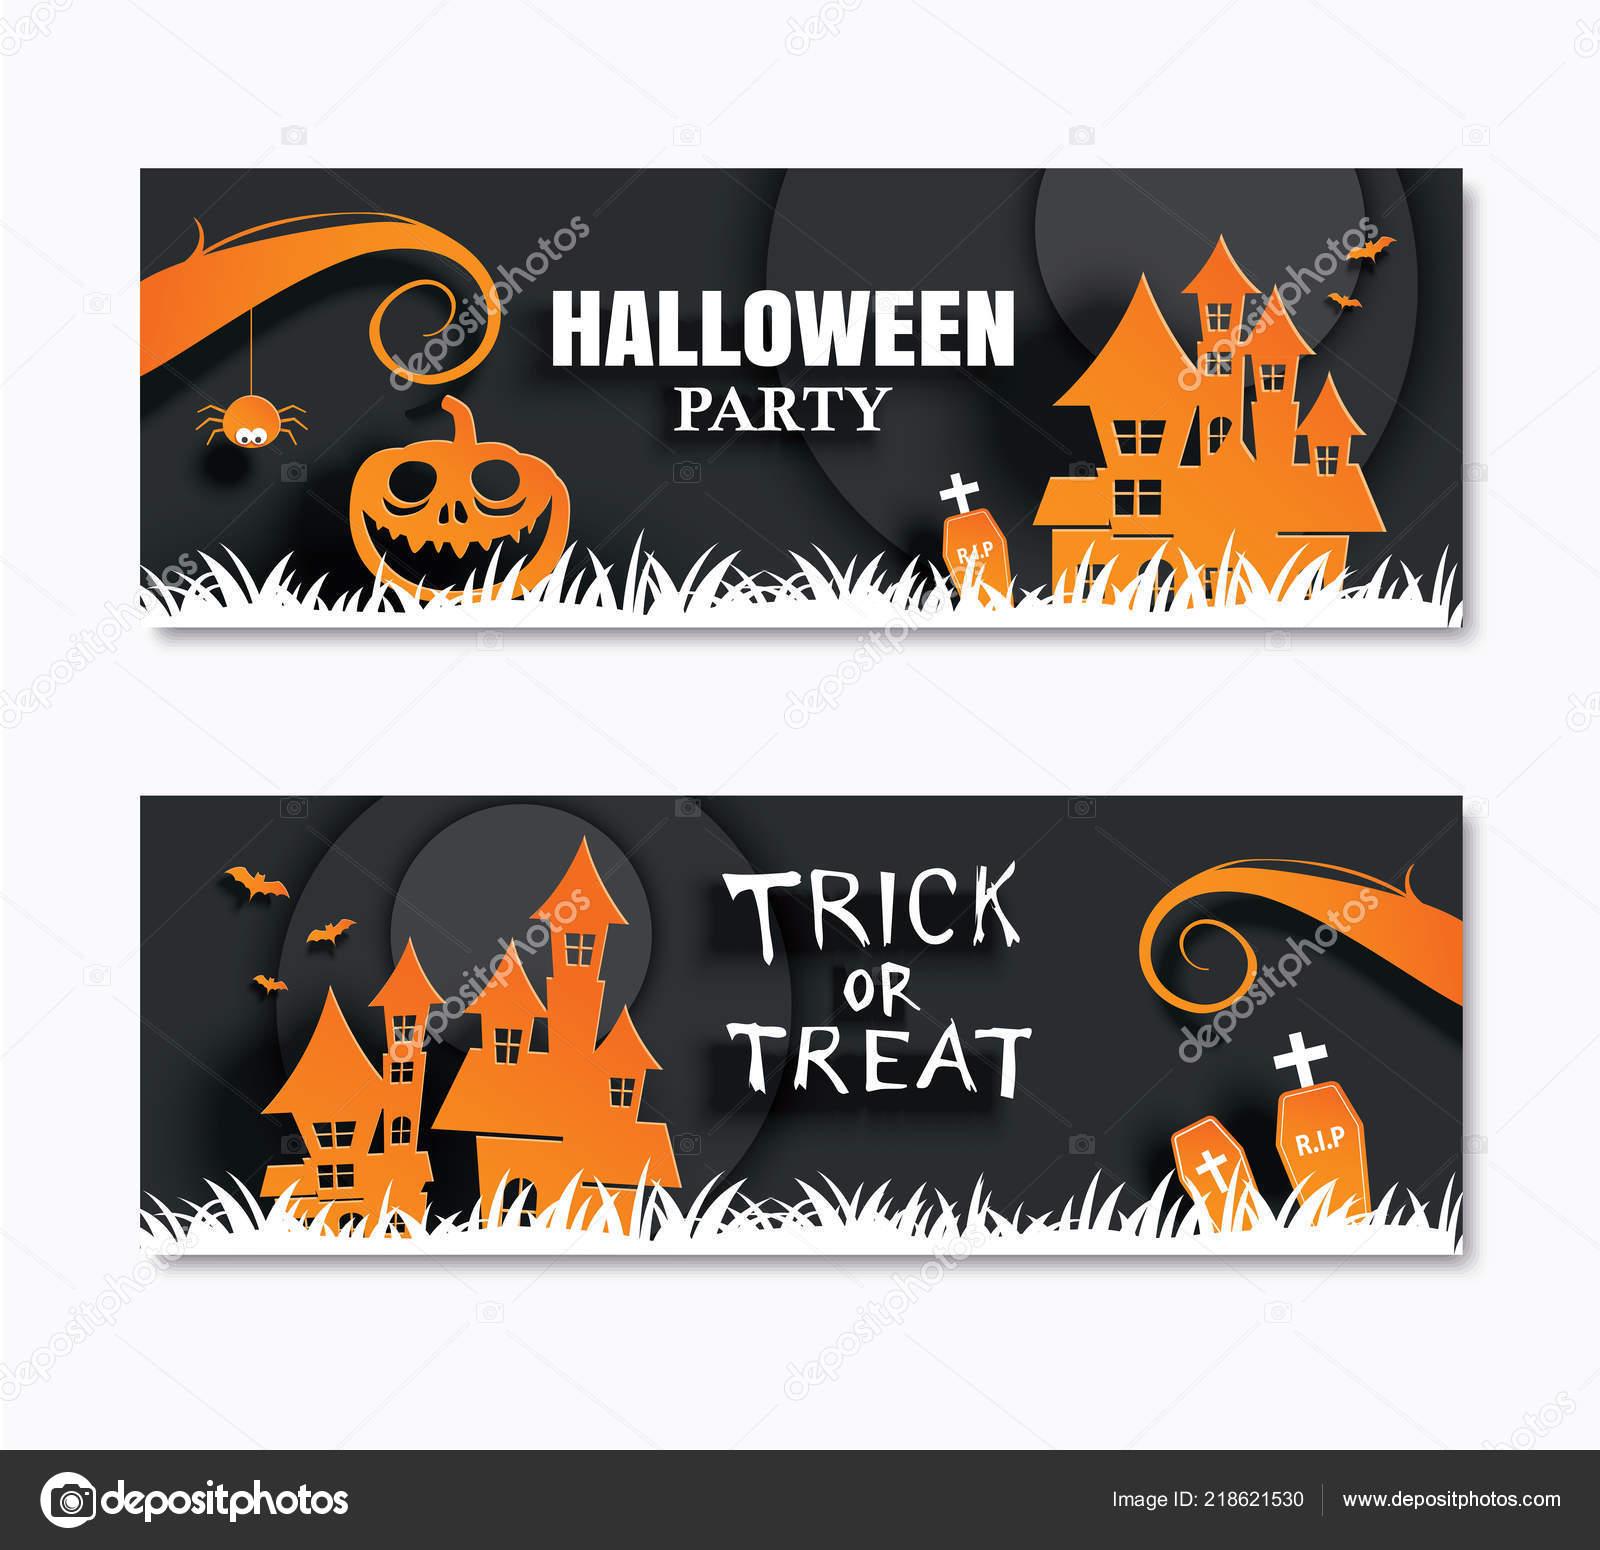 Halloween Party Transparent Zaproszenia Kartki życzeniami Sztuka Tło